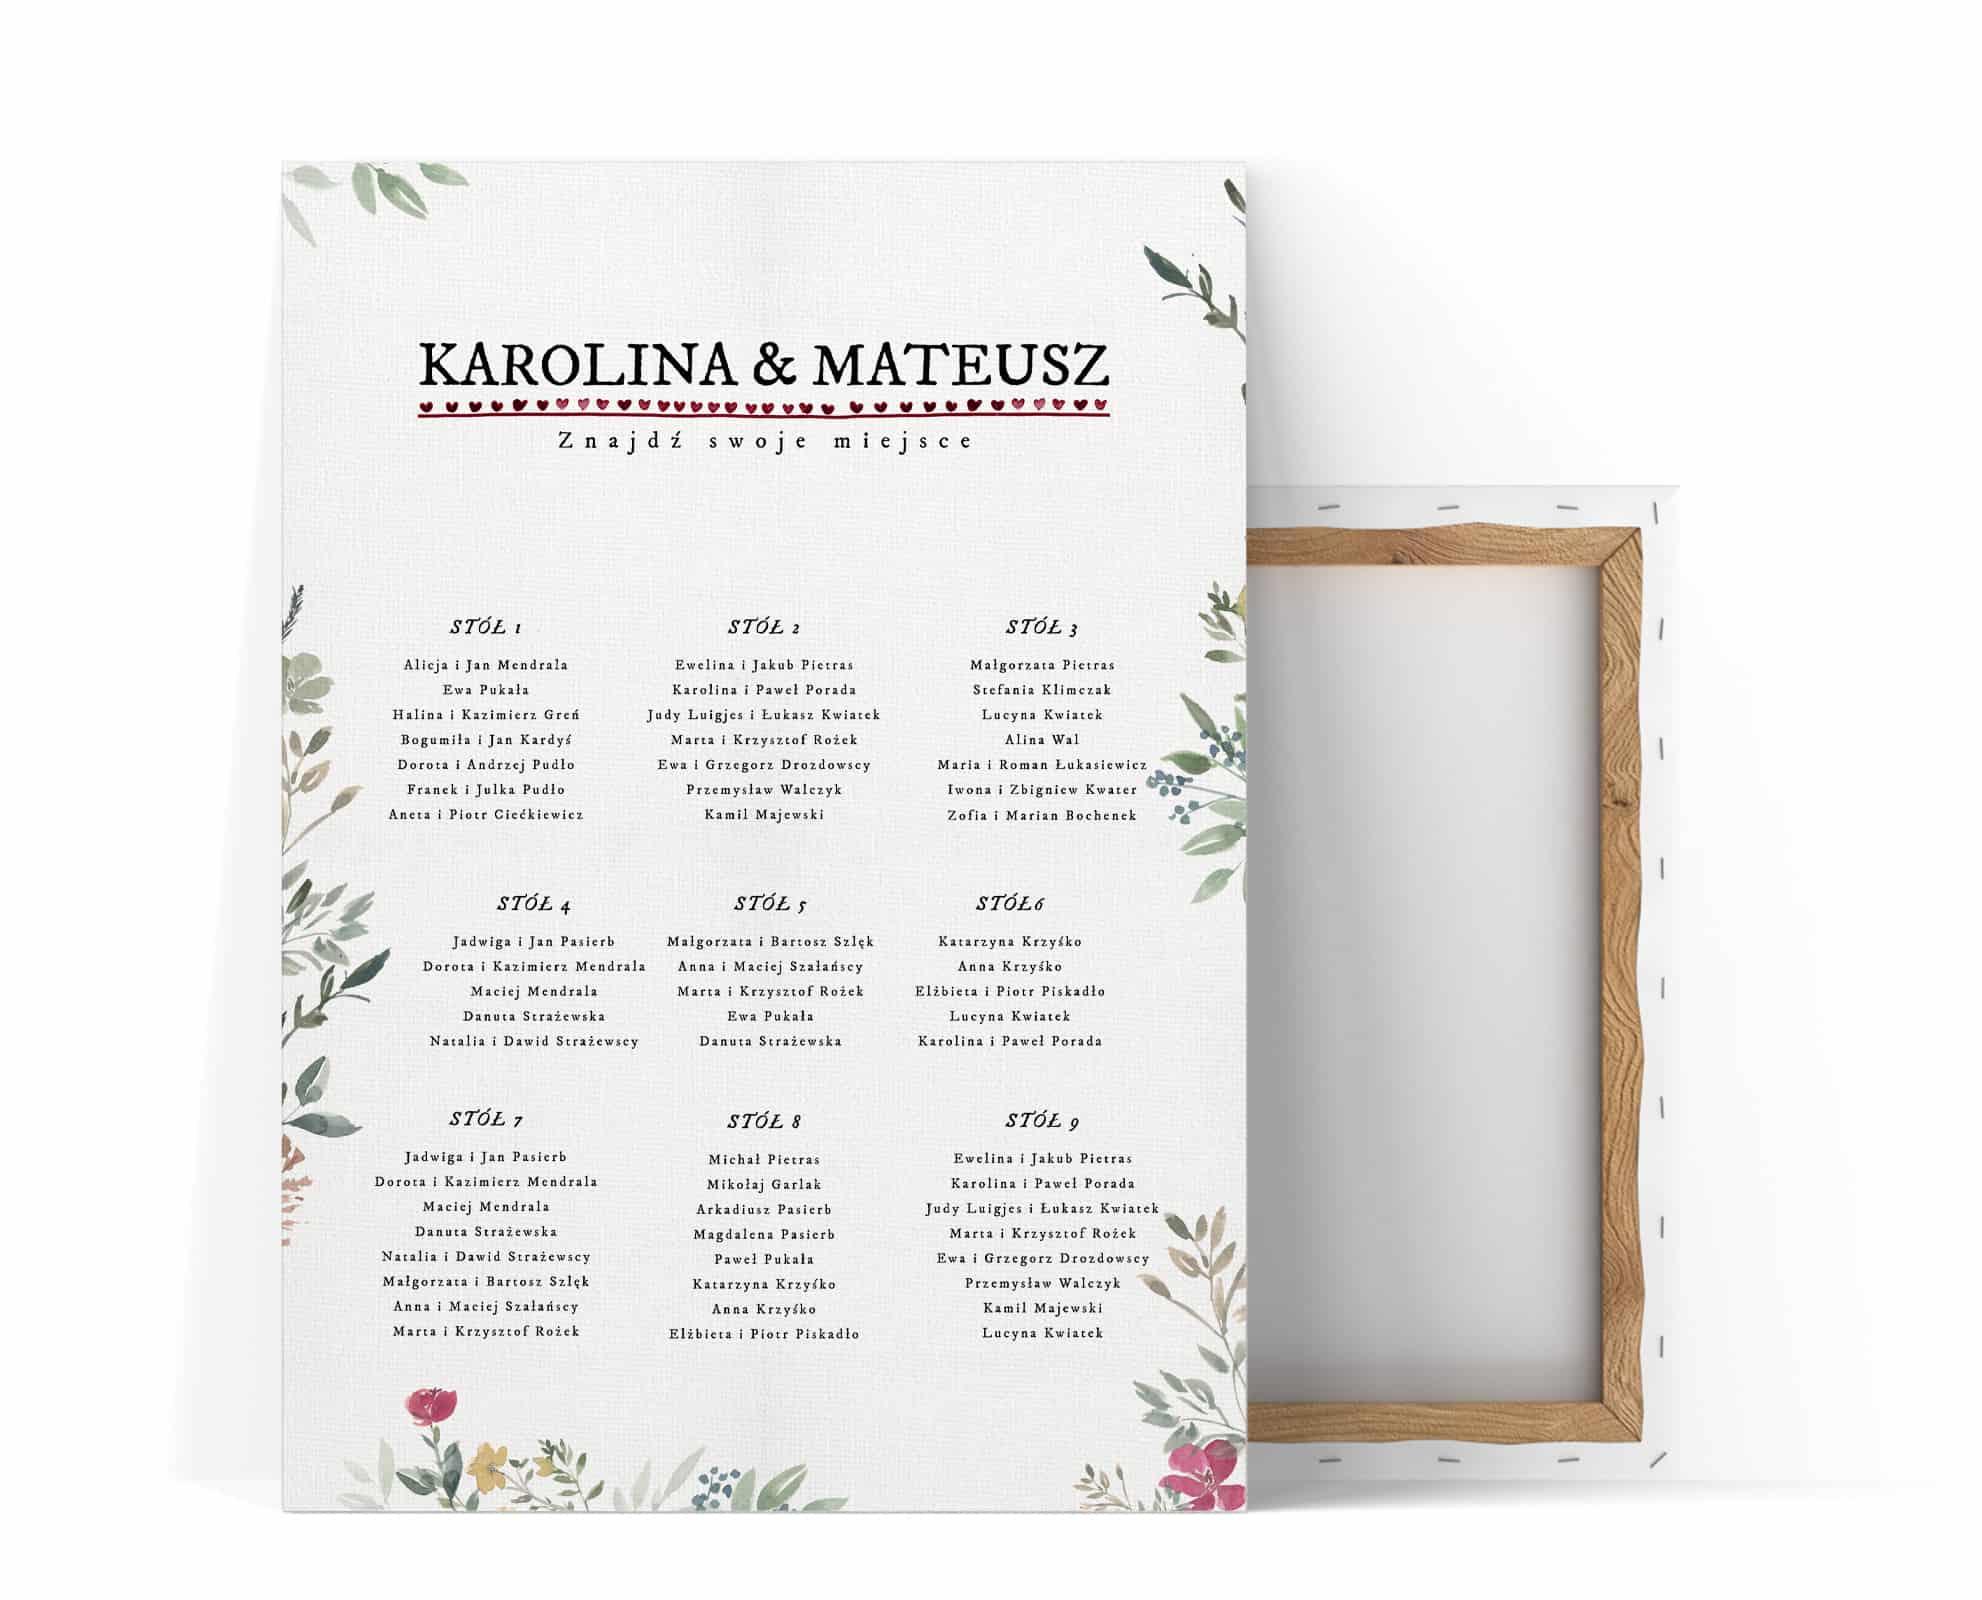 prosty plan stołów z jasnymi listkami i kwiatami dookoła